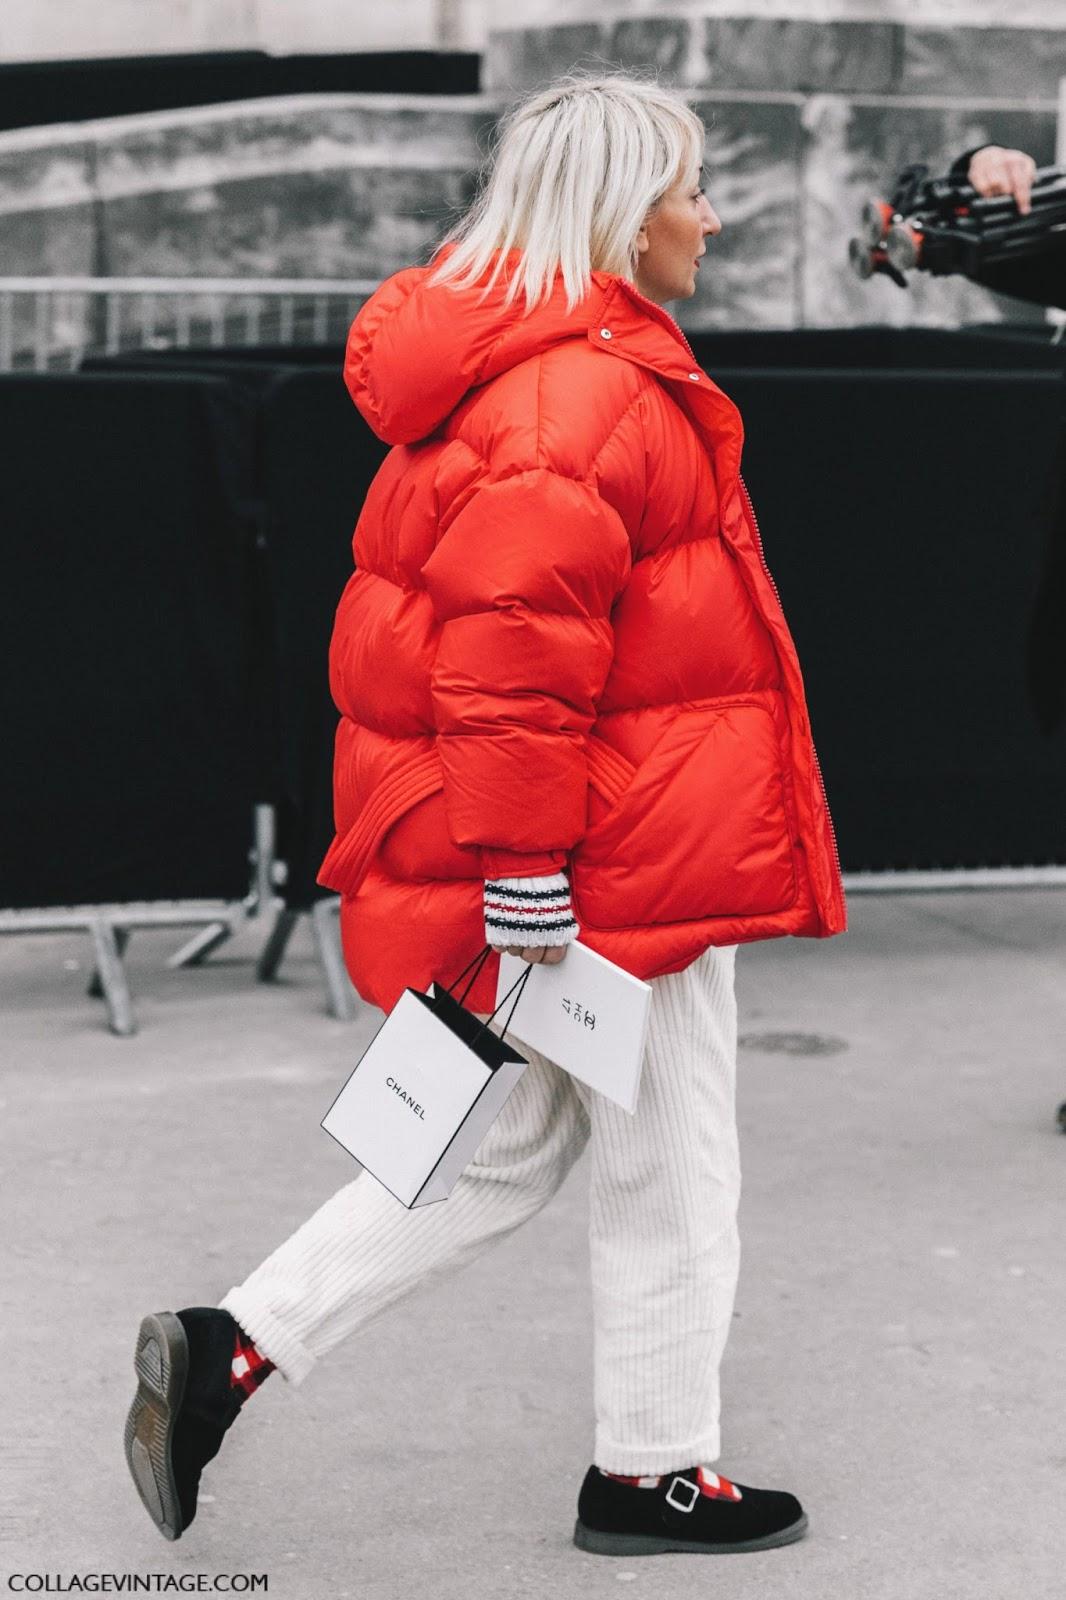 Модная революция: 6 стильных образов с пуховиком красного цвета